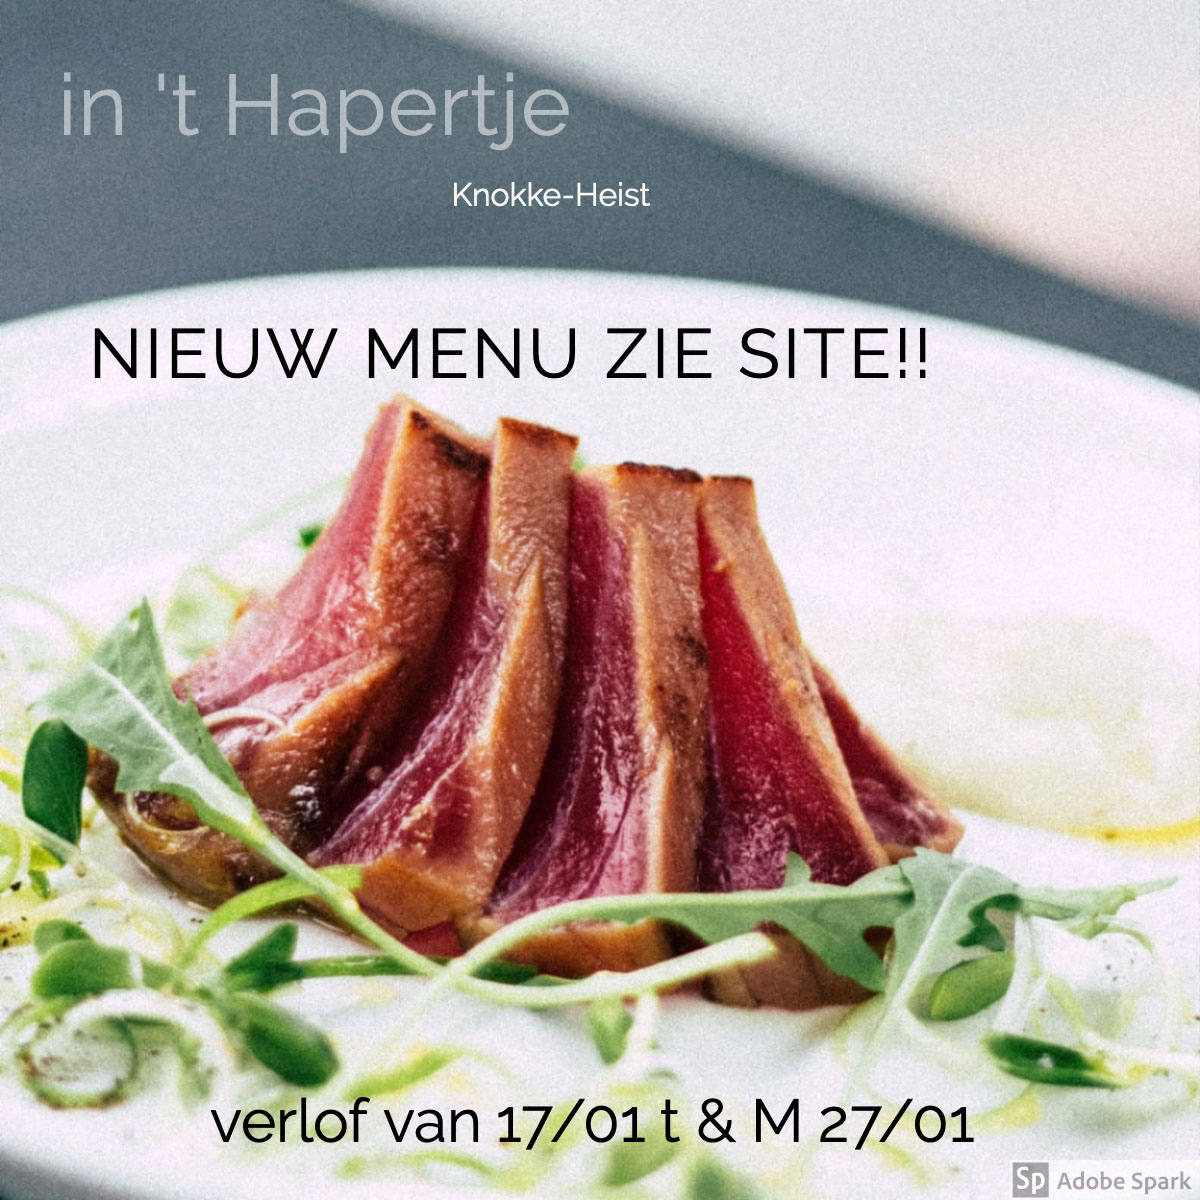 in 't Hapertje in 't Hapertje   Nieuw menu zie site!!   verlof van 17/01 t & M 27/01   Knokke-Heist